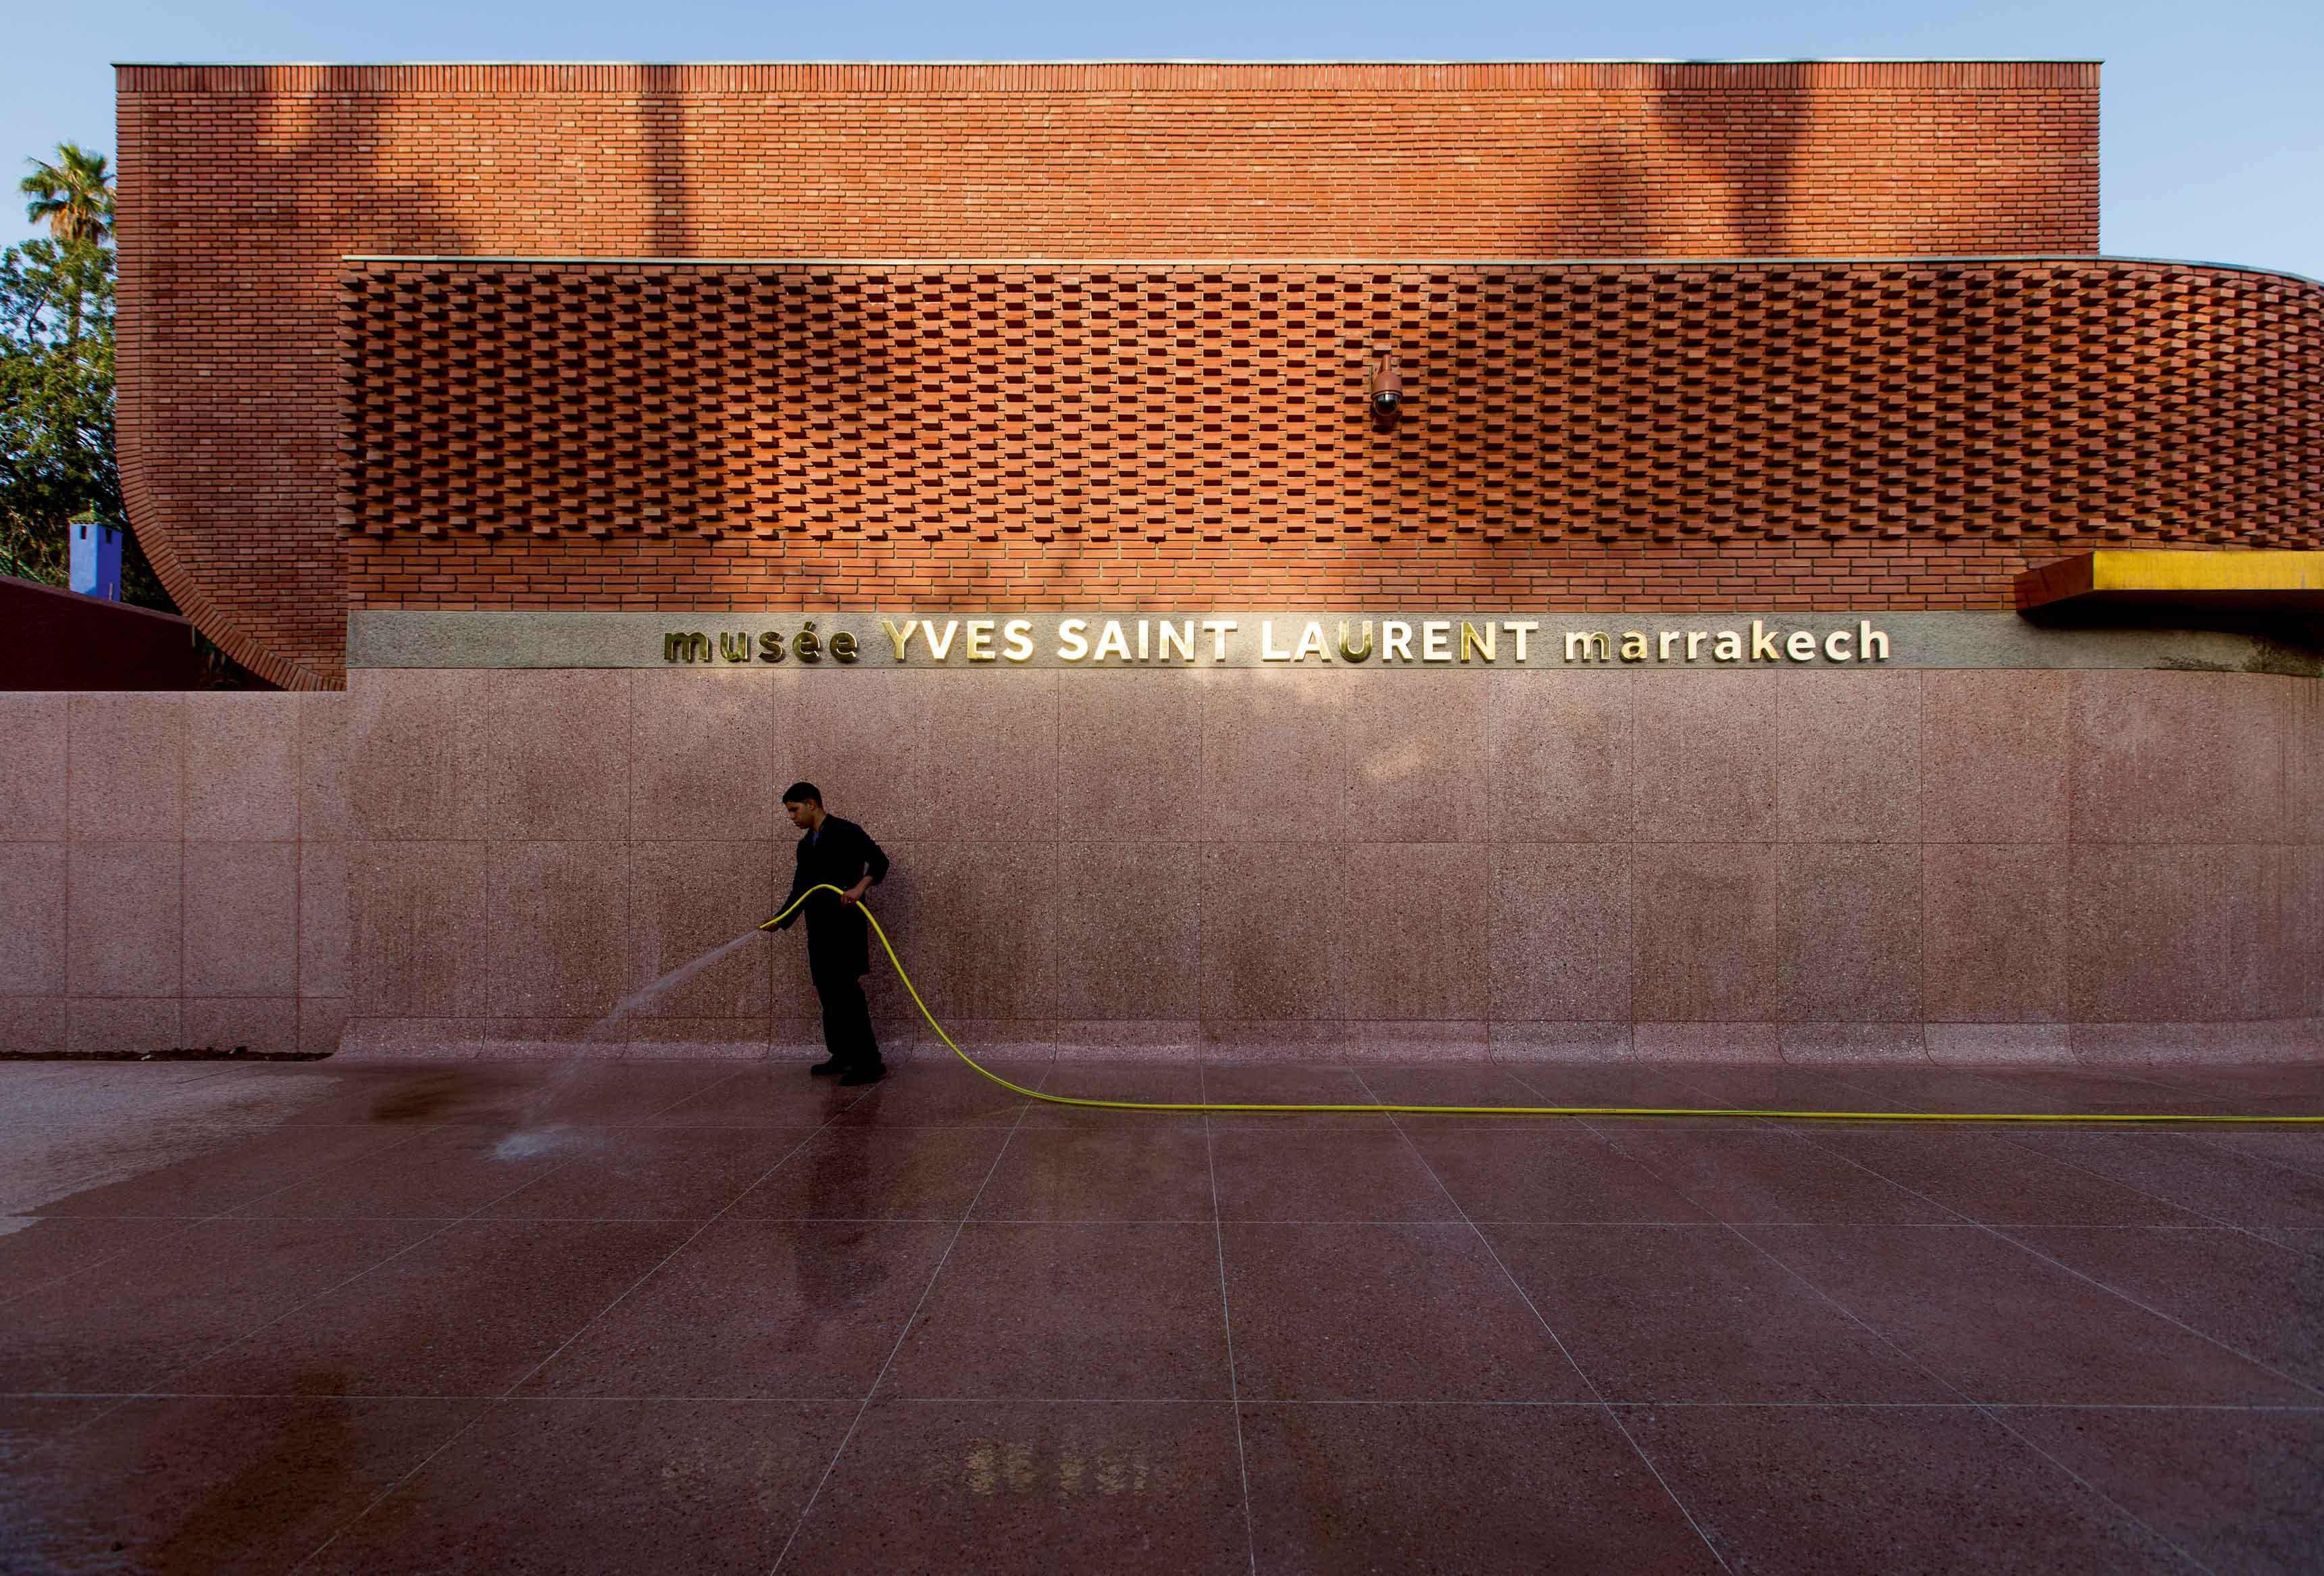 Situé à proximité du jardin Majorelle, le musée Yves Saint Laurent de Marrakech accueille un espace d'exposition permanente, voyage au cœur des inspirations du couturier, une salle d'exposition temporaire, une bibliothèque, un auditorium, une librairie et un café.